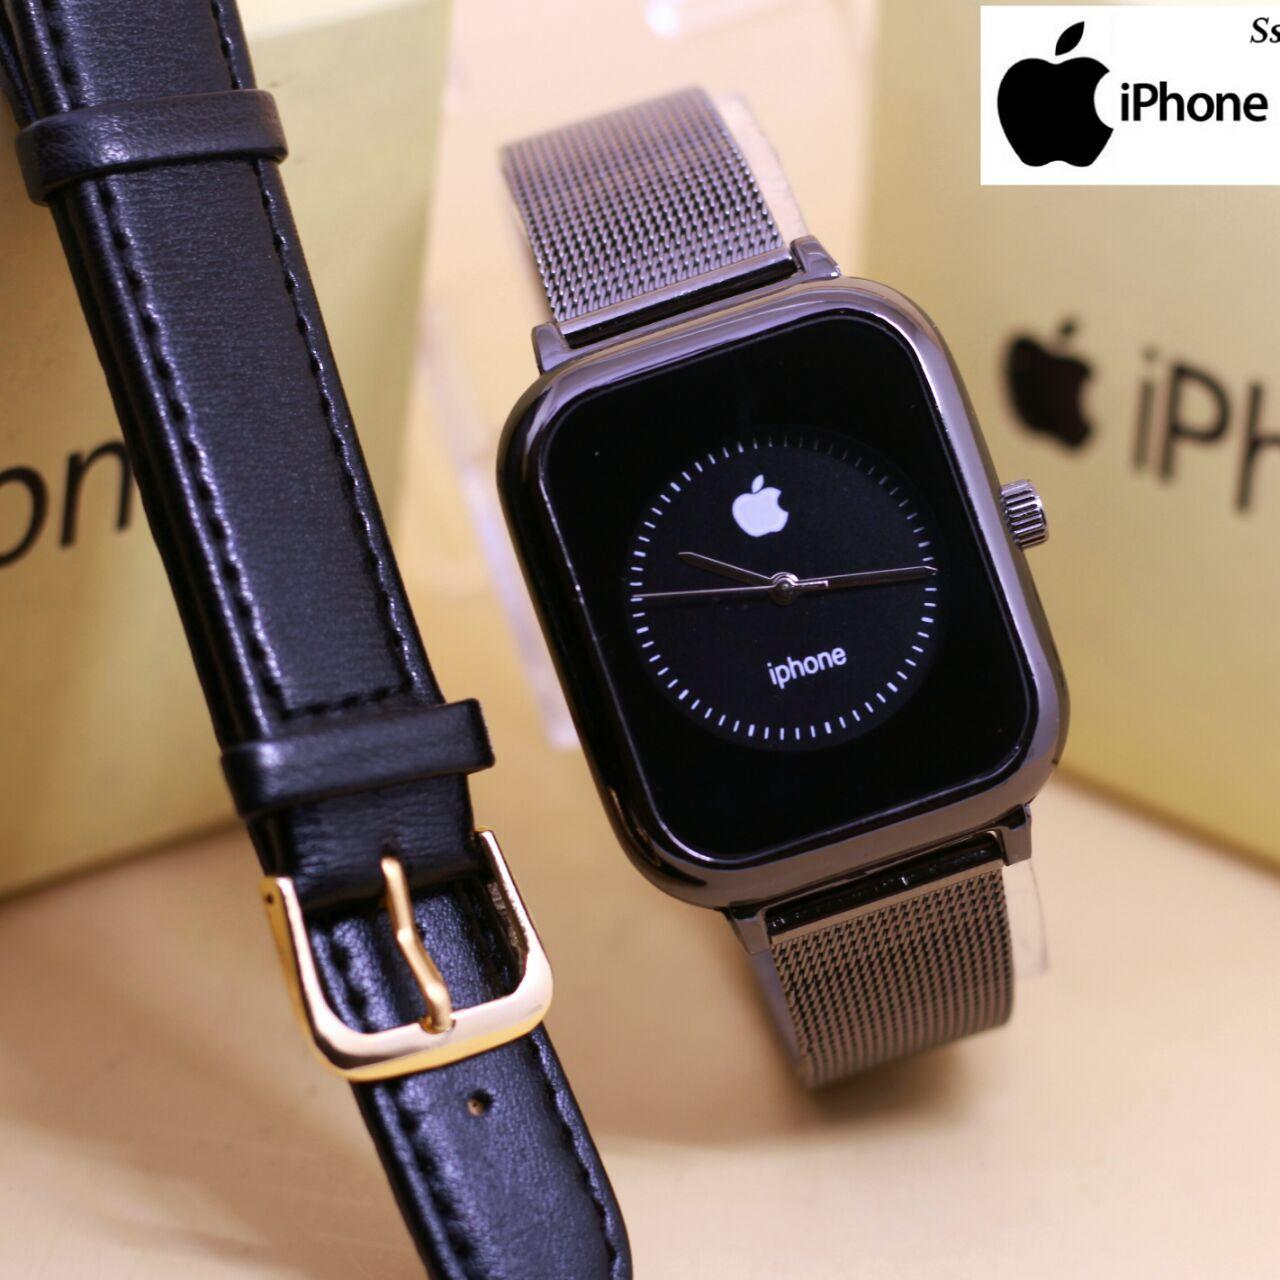 Iphone Rantai pasir jam tangan wanita bonus tali cadangan lengkap dengan box